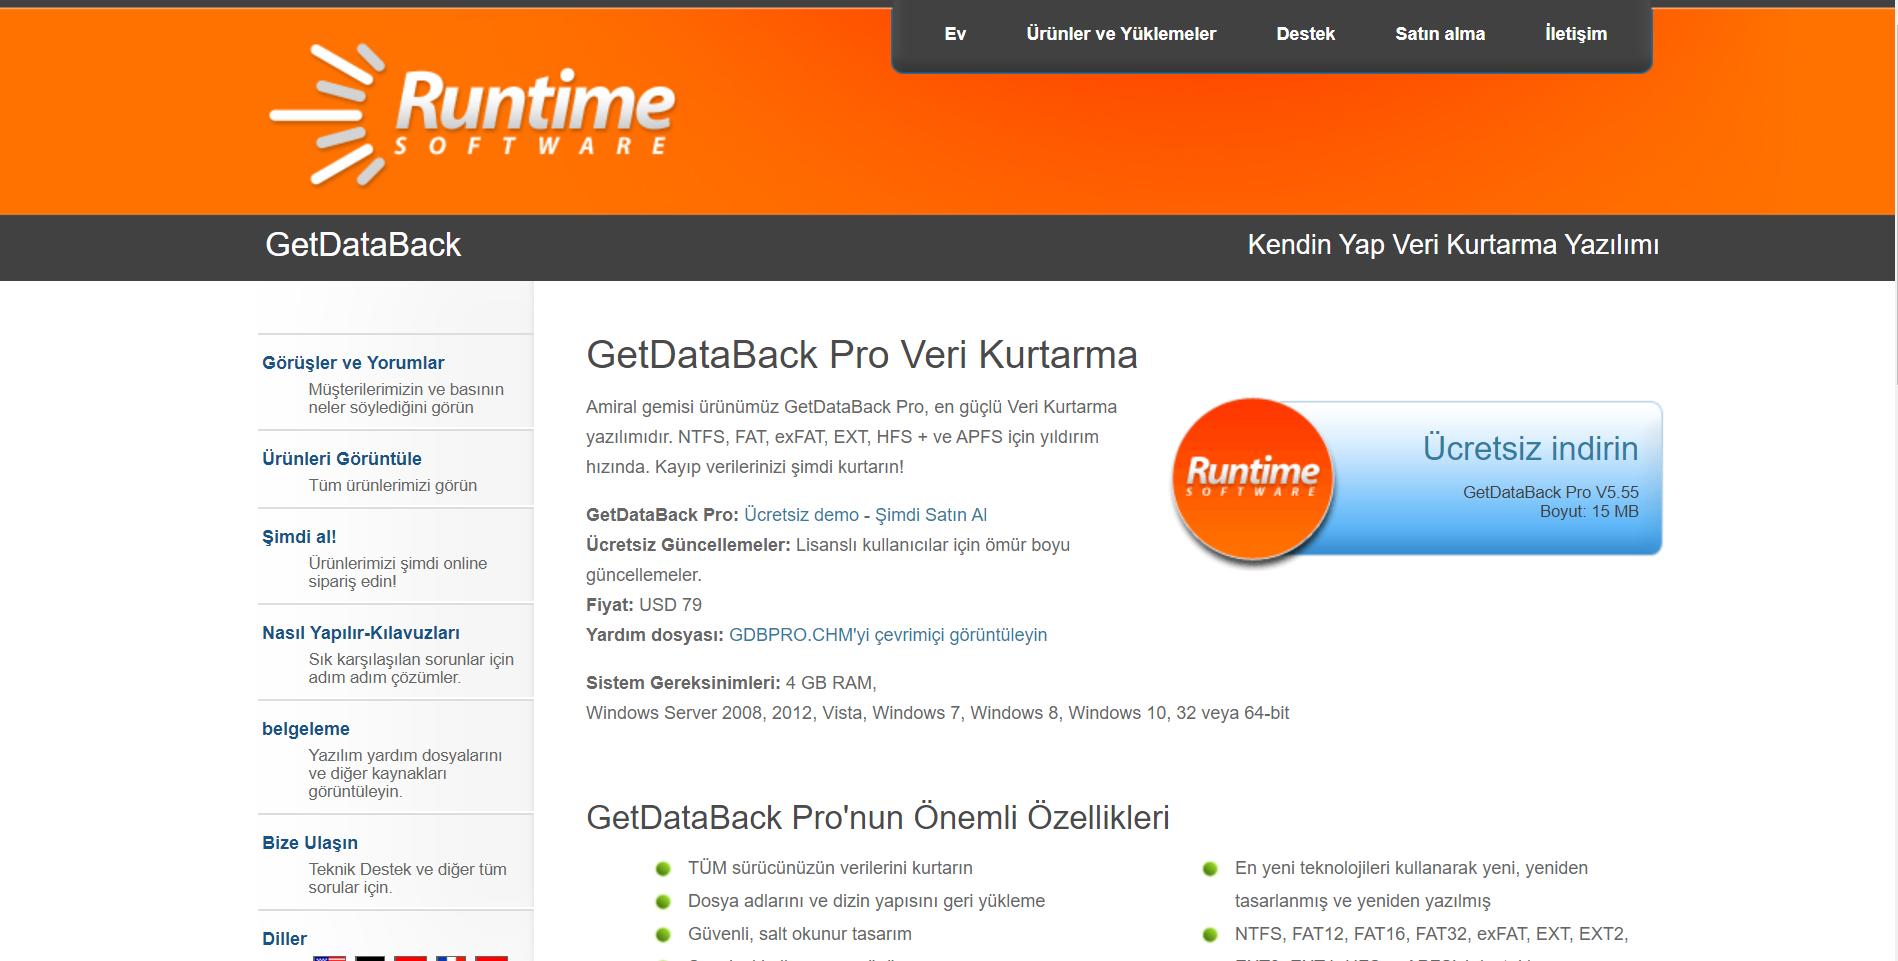 Runtime Web sitesi